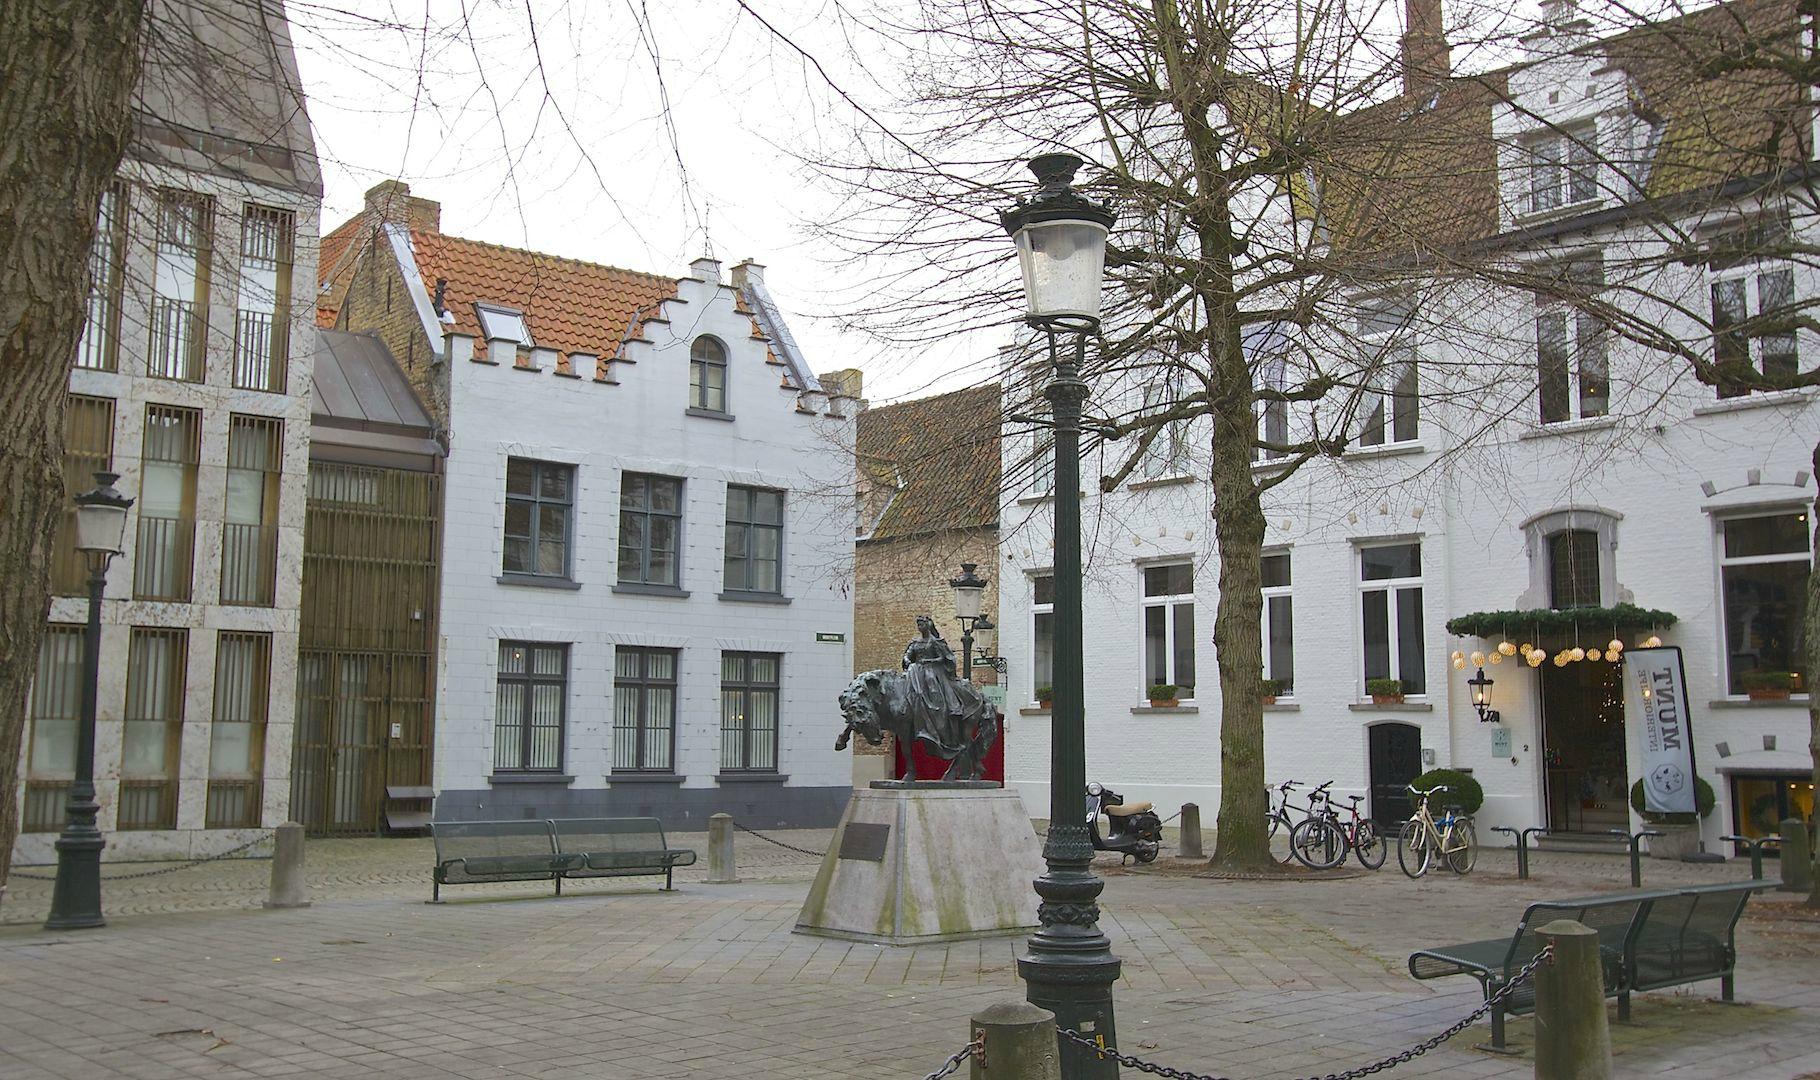 2 aaneenpalende KARAKTERPANDEN – subliem verbouwd door Frederiek Van Pamel – A-locatie op idyllisch pleintje